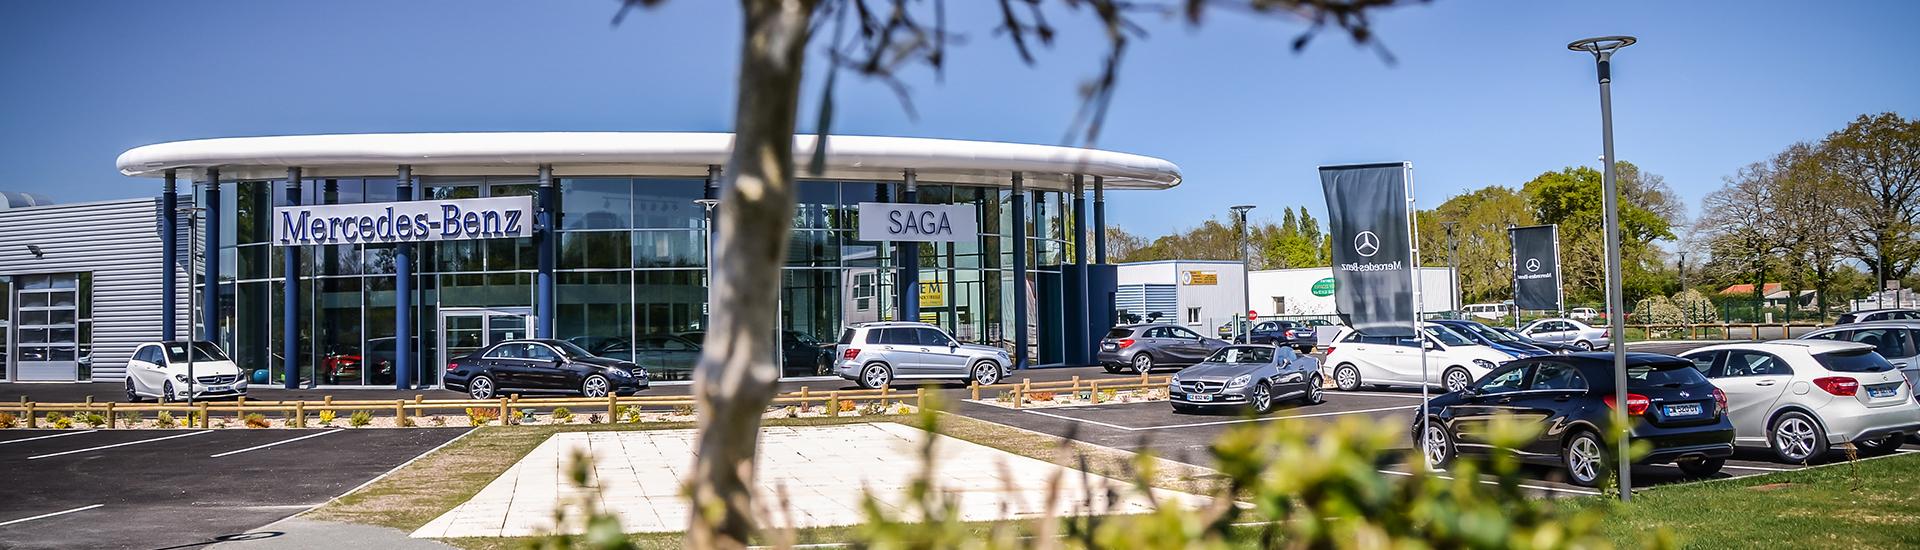 SAGA Mercedes-Benz Challans à Sallertaine